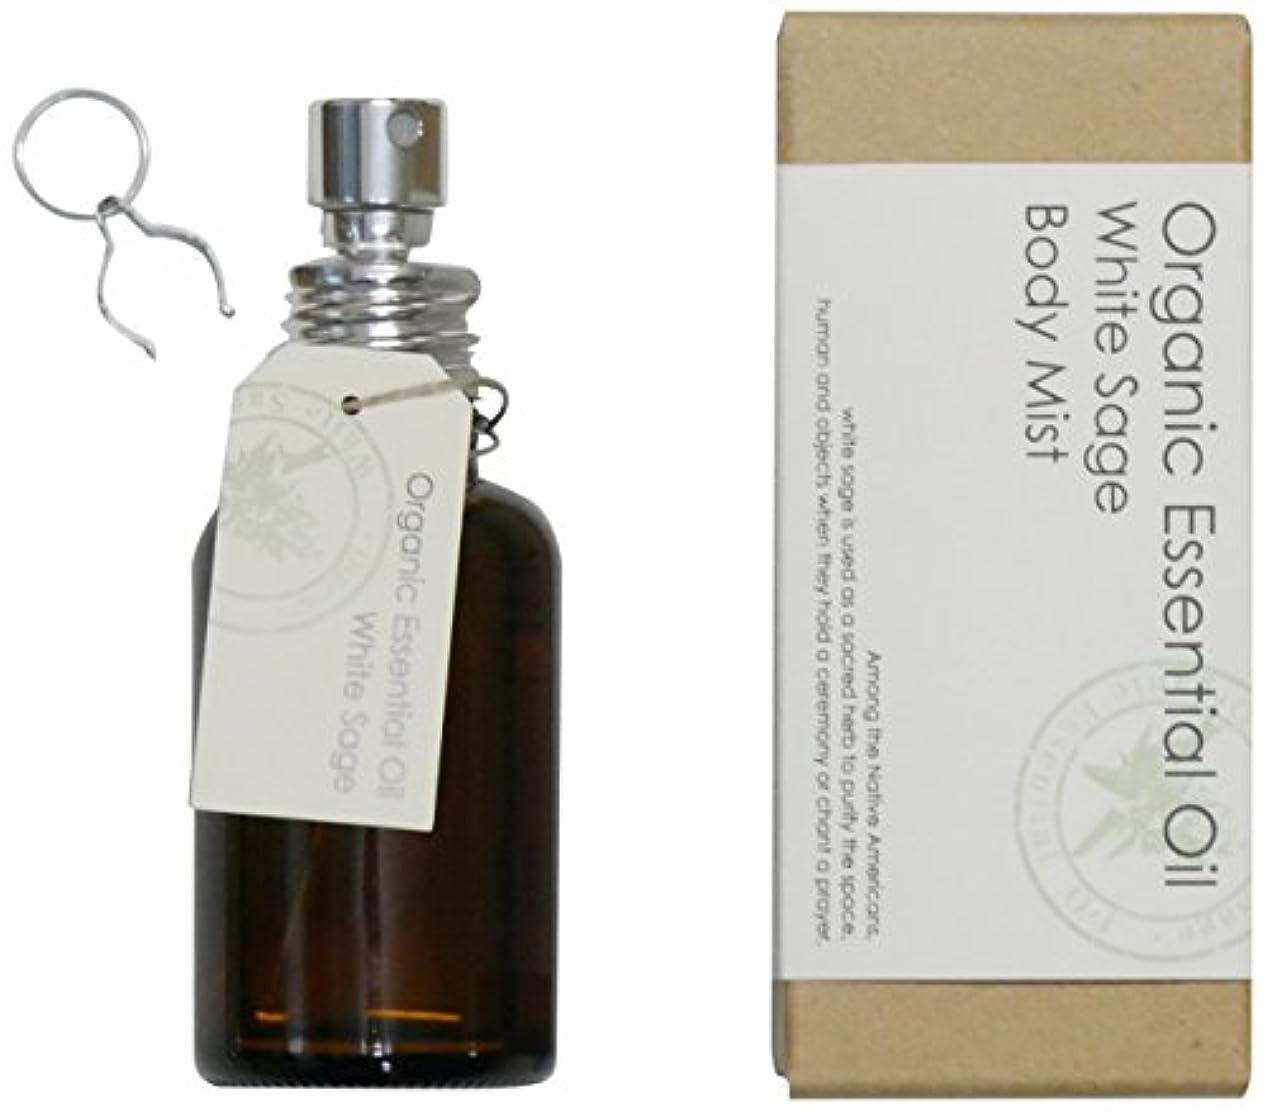 マイコン一致する等々アロマレコルト ボディミスト ホワイトセージ 【White Sage】オーガニック エッセンシャルオイル organic essential oil natural body mist arome recolte